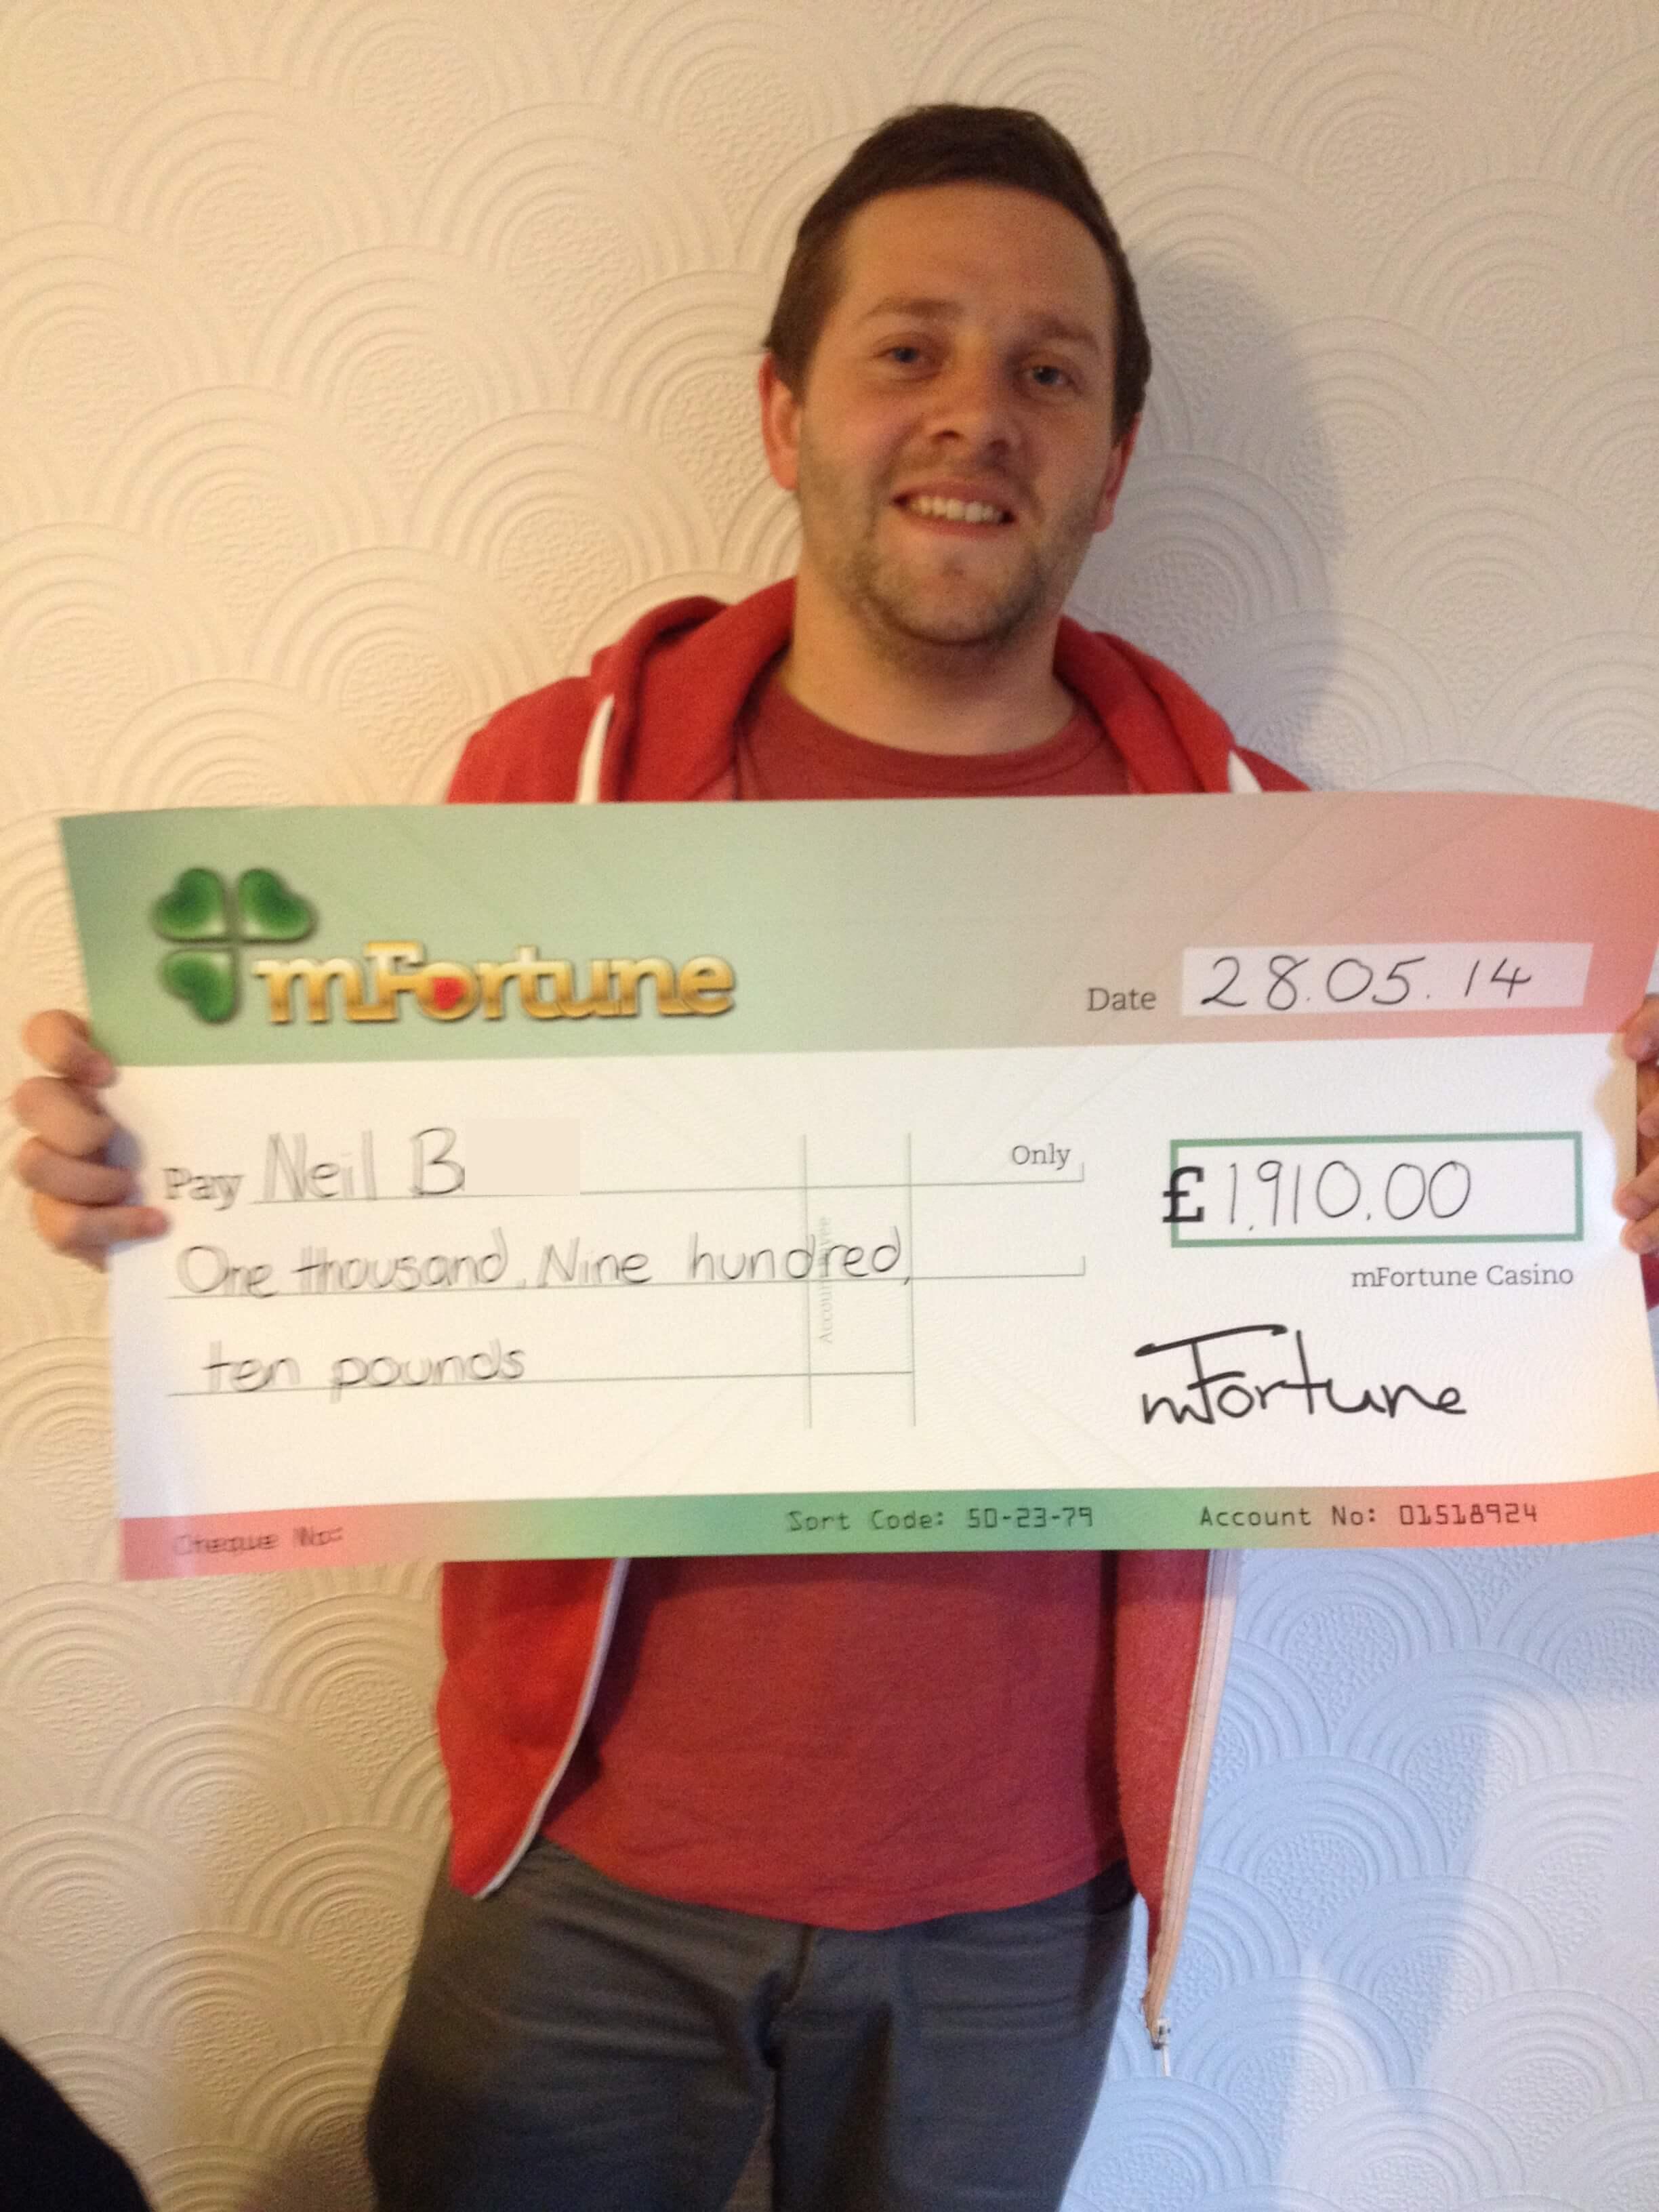 Neil B won £ 1,910